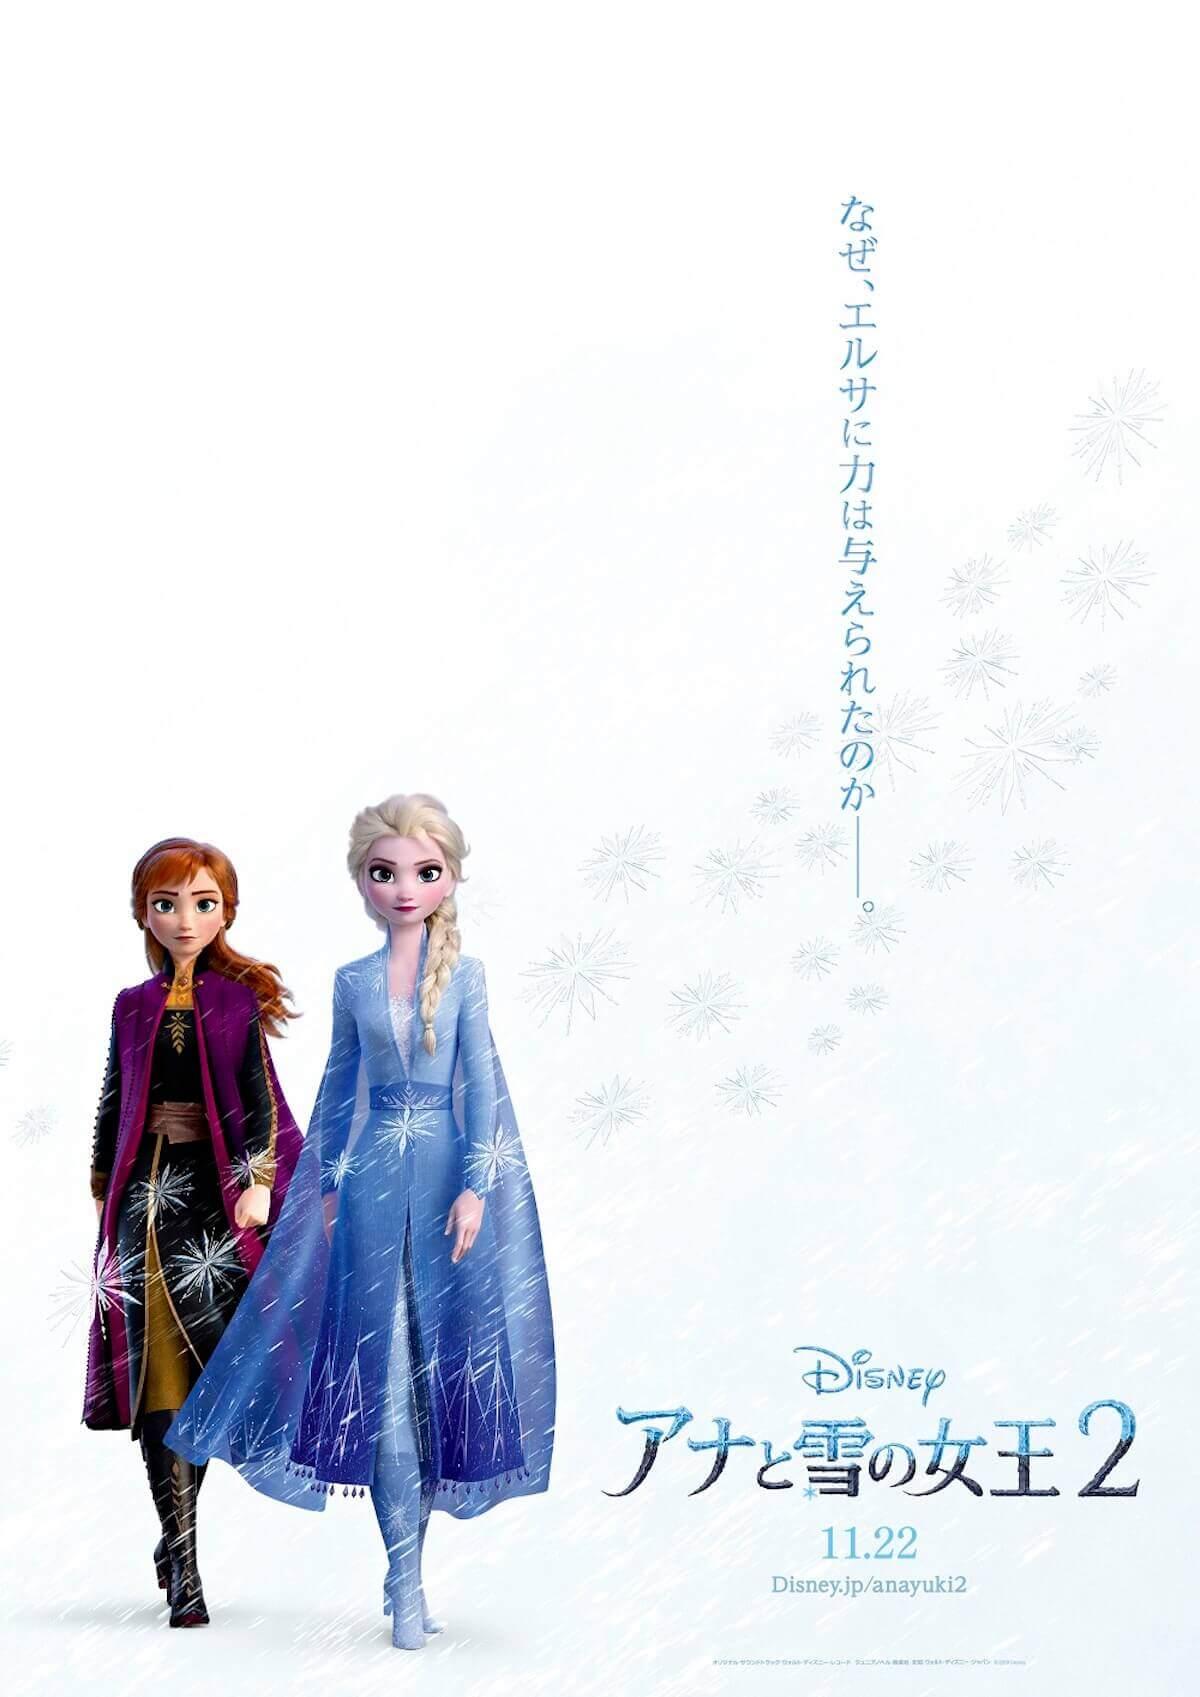 新しくなったオラフの声にも注目!『アナと雪の女王2』日本版予告が公開 film190604frozen2_info